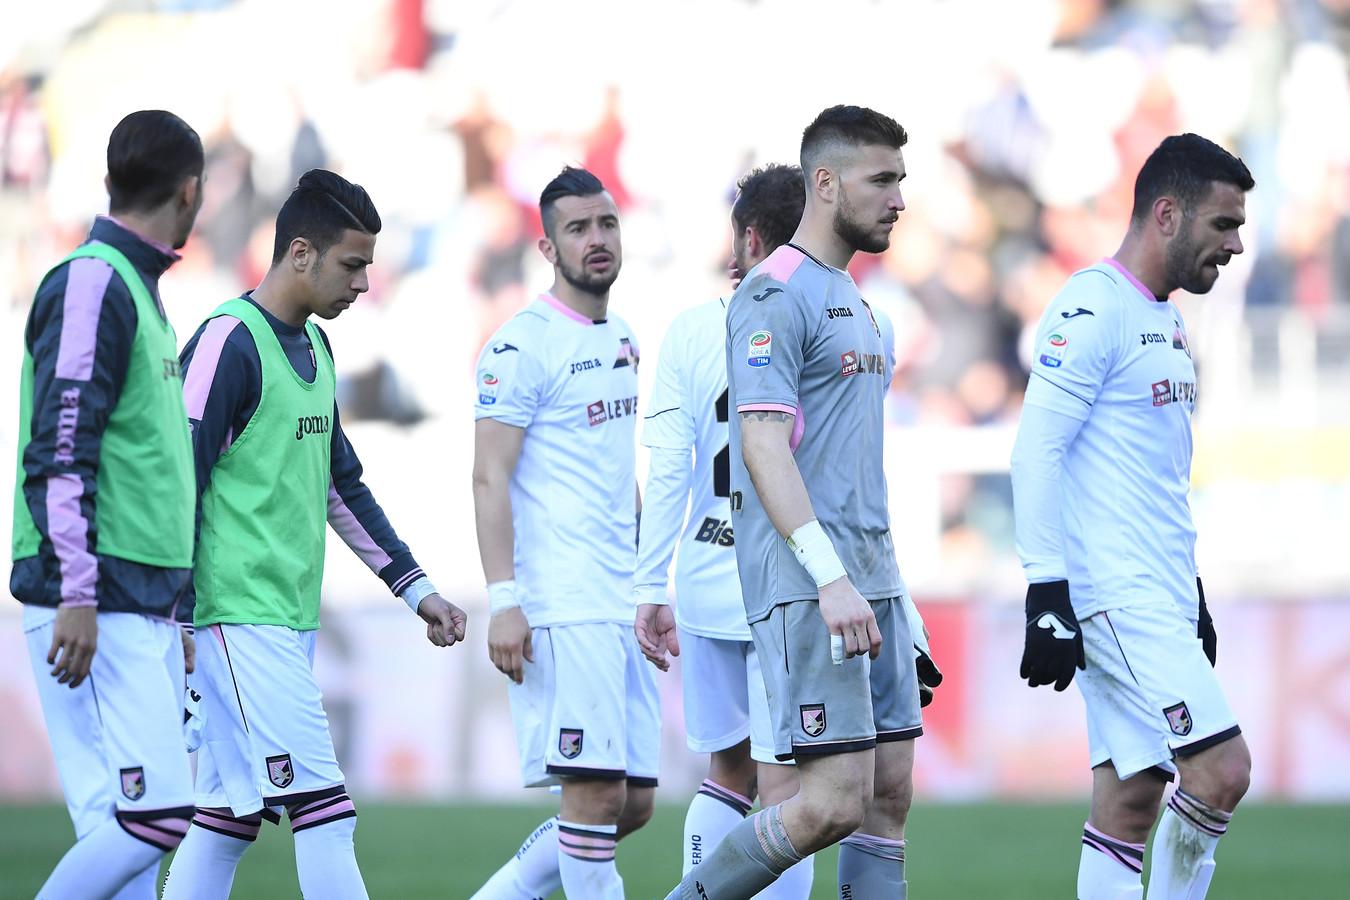 De spelers van Palermo druipen af na de 3-1 nederlaag van gisteren tegen Torino